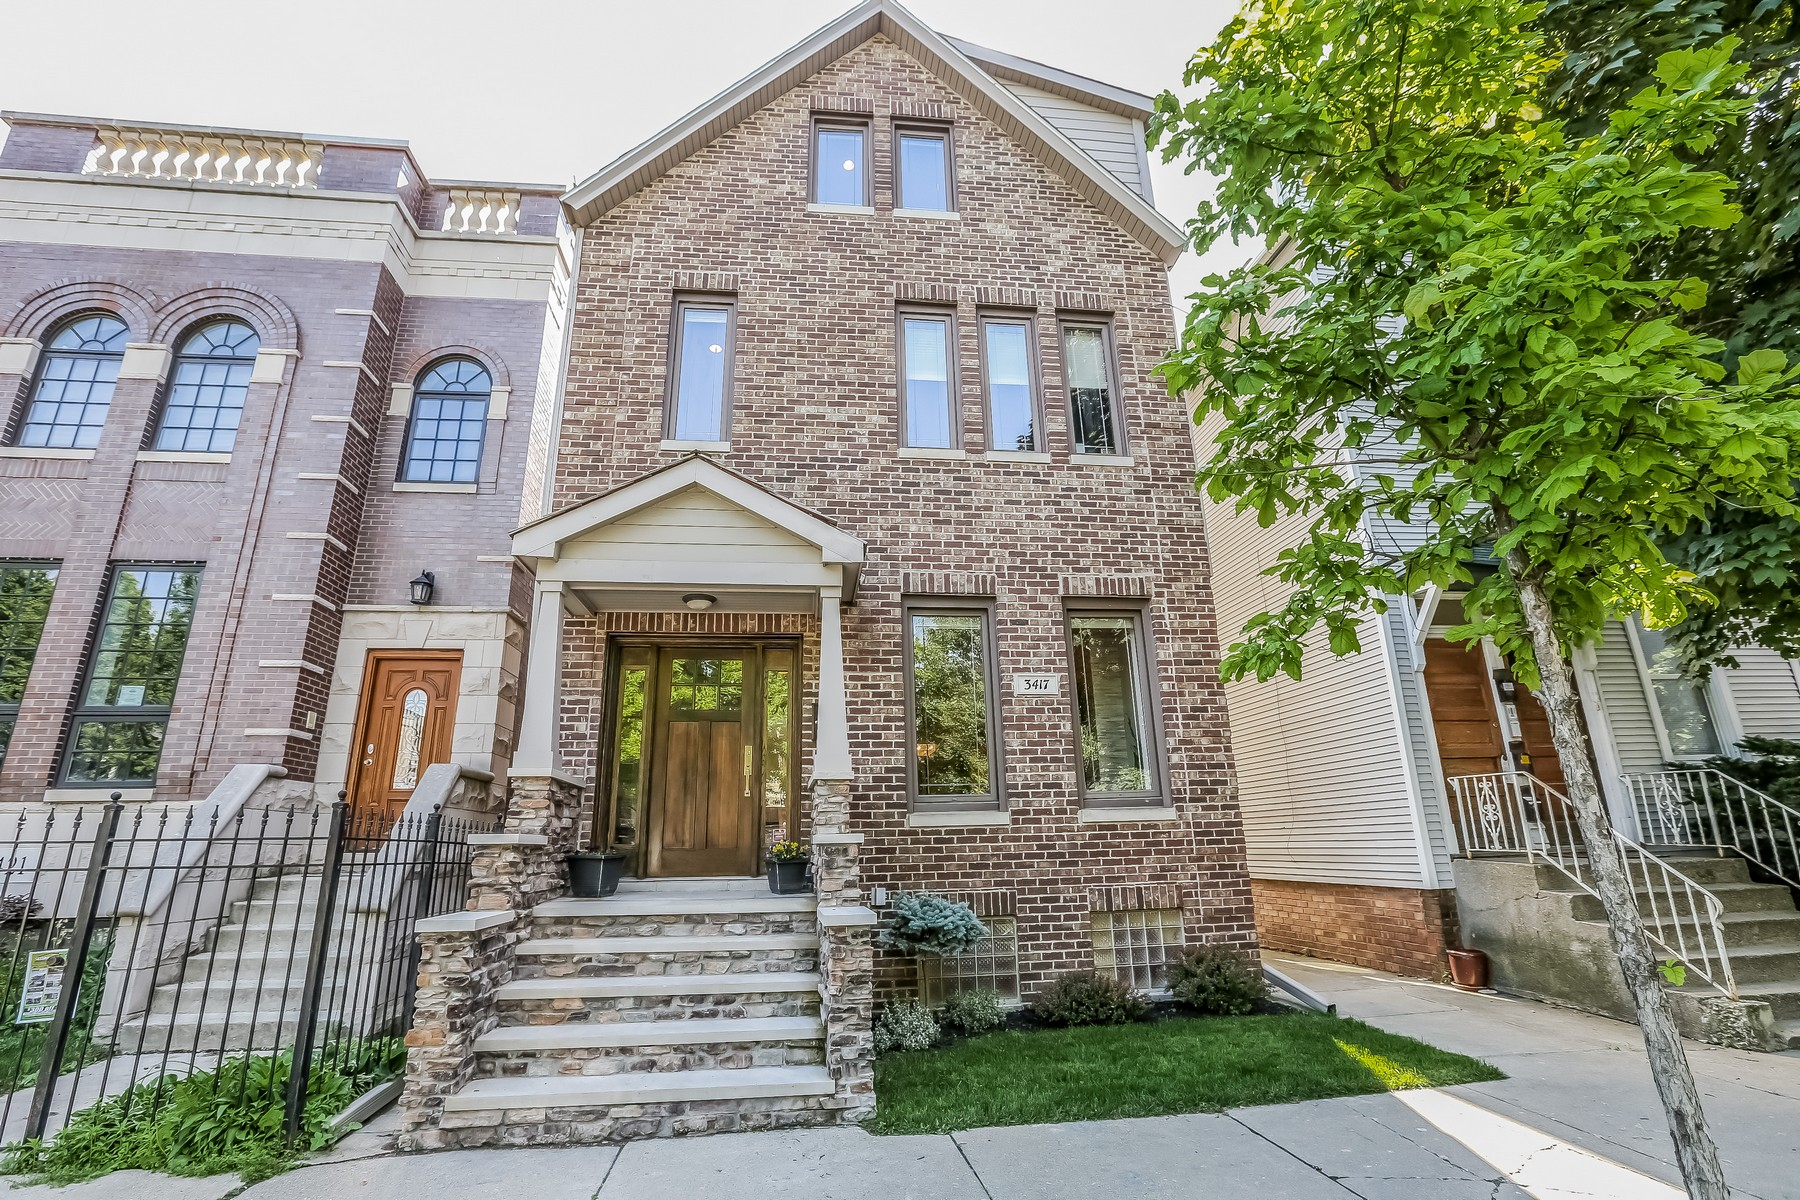 Maison unifamiliale pour l Vente à Recently Renovated Home in Roscoe Village 3417 N Oakley Avenue Chicago, Illinois, 60618 États-Unis